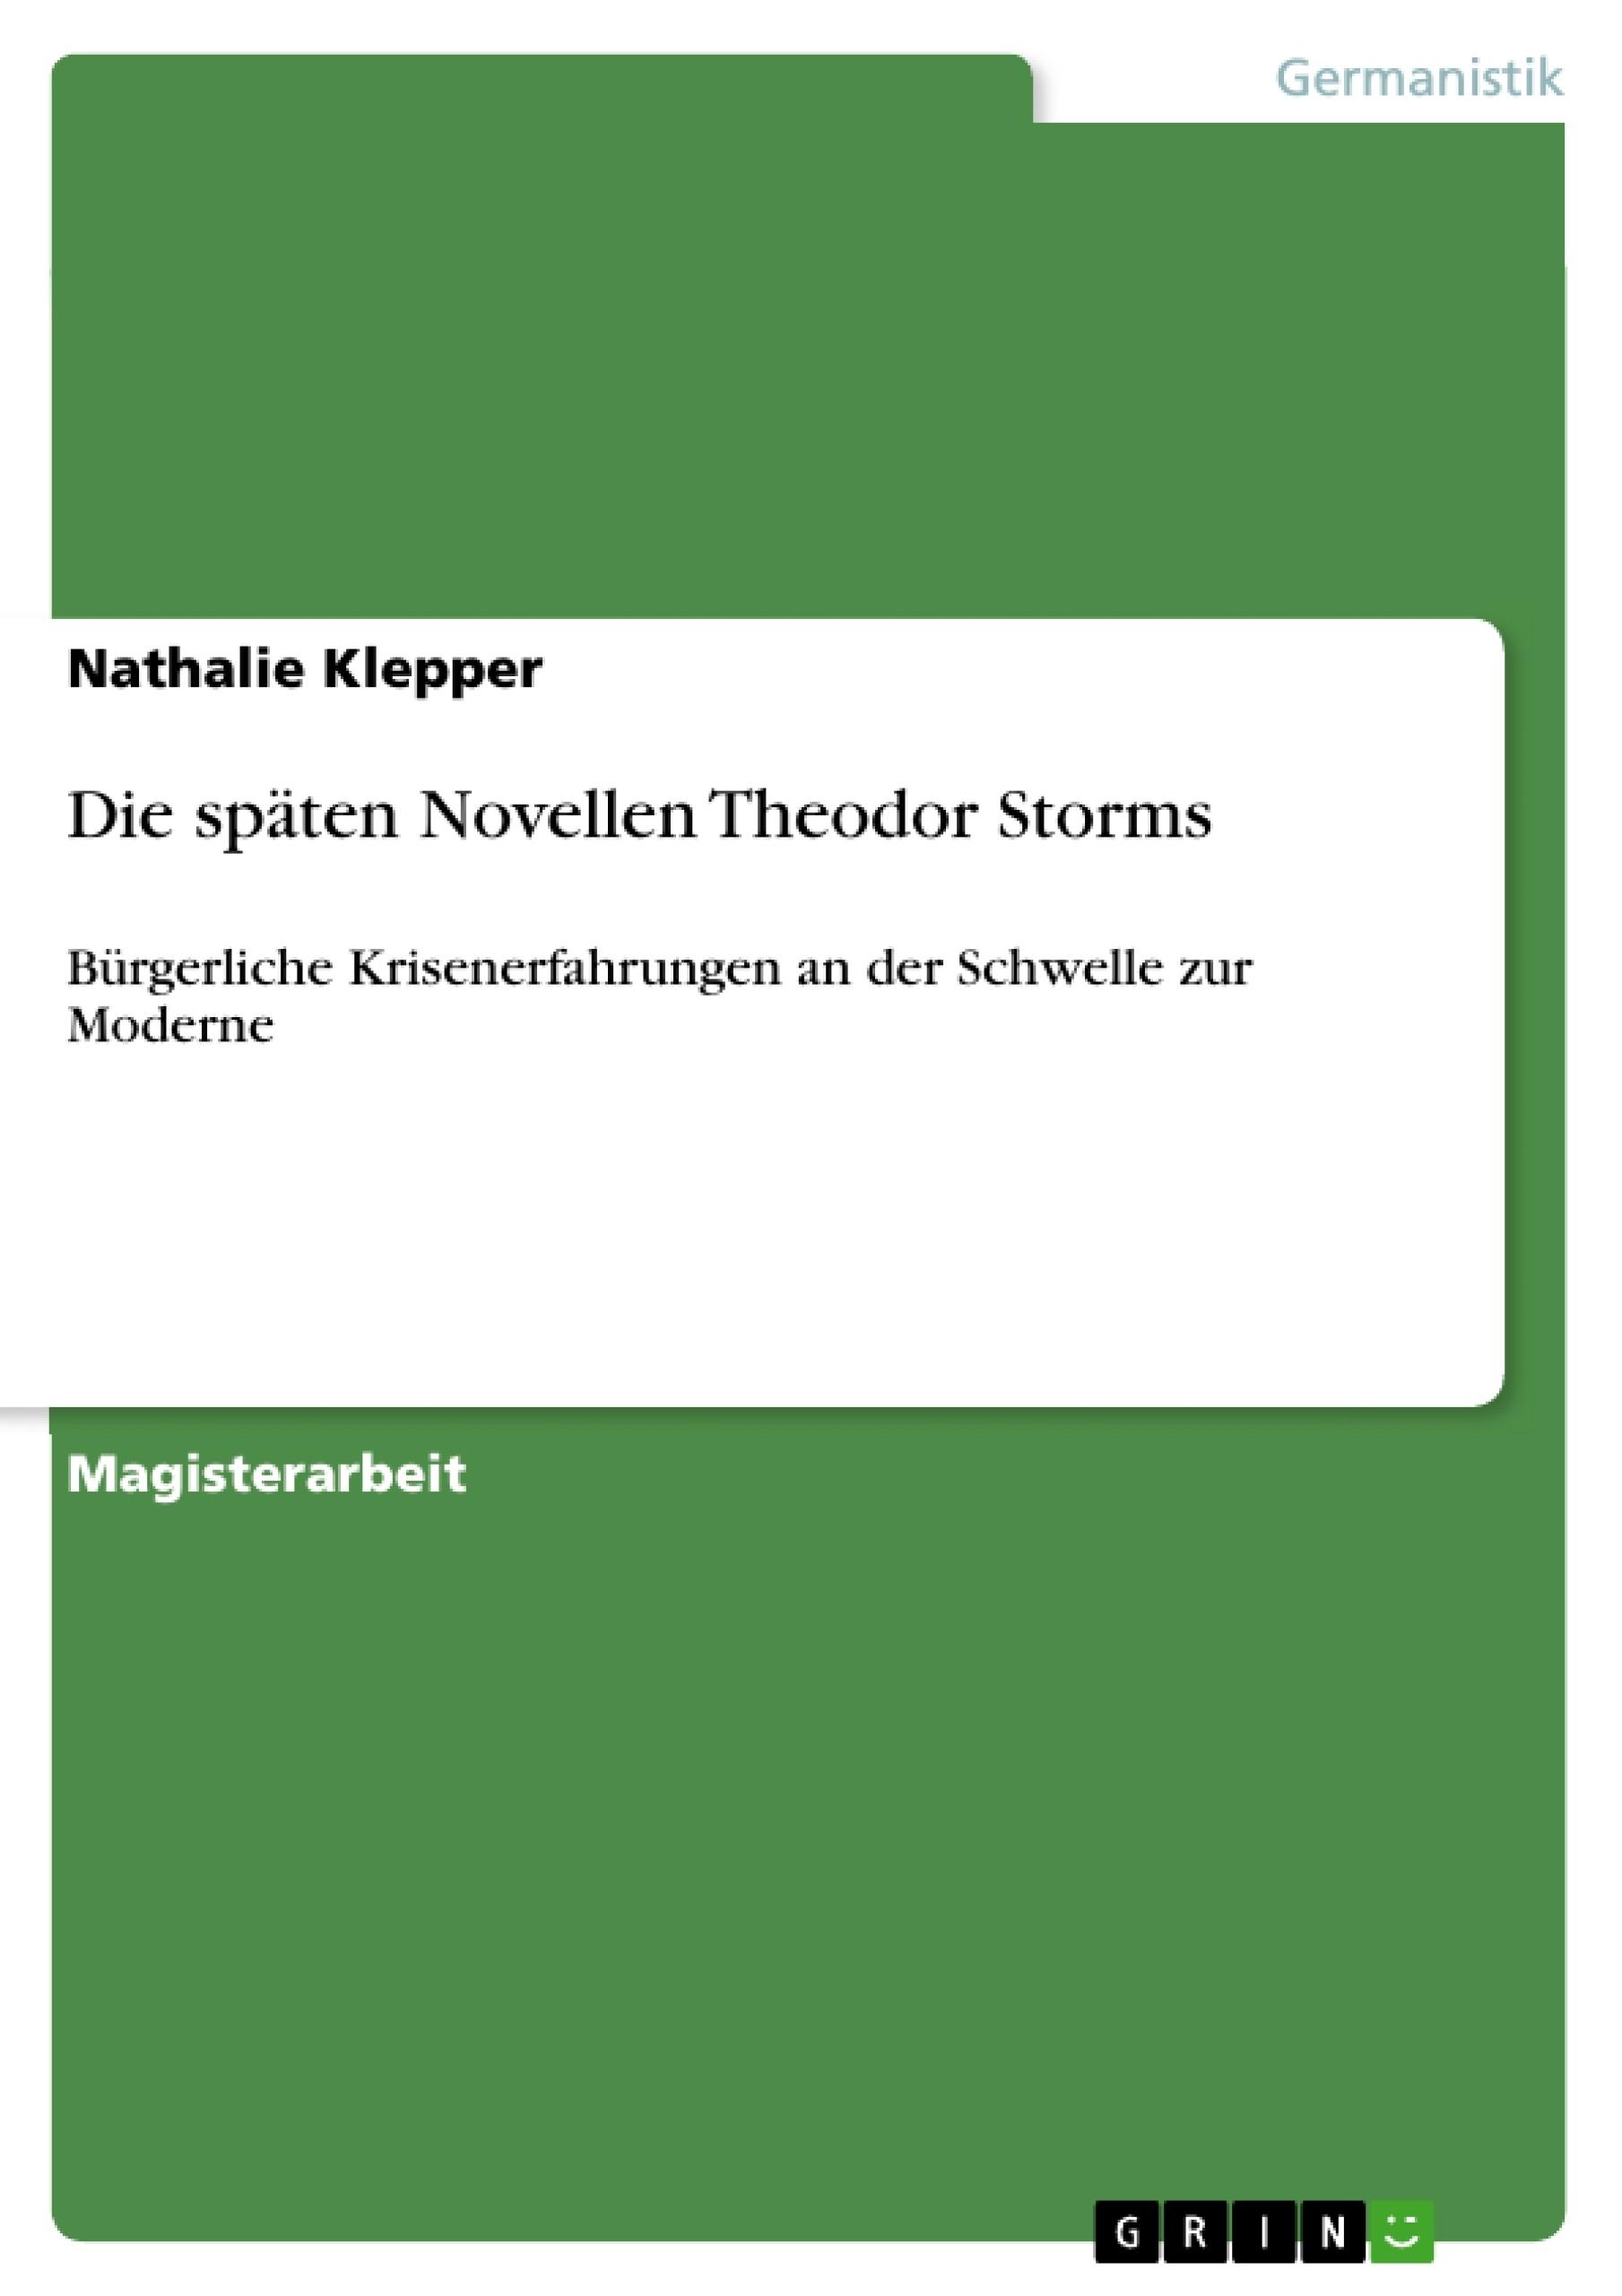 Titel: Die späten Novellen Theodor Storms